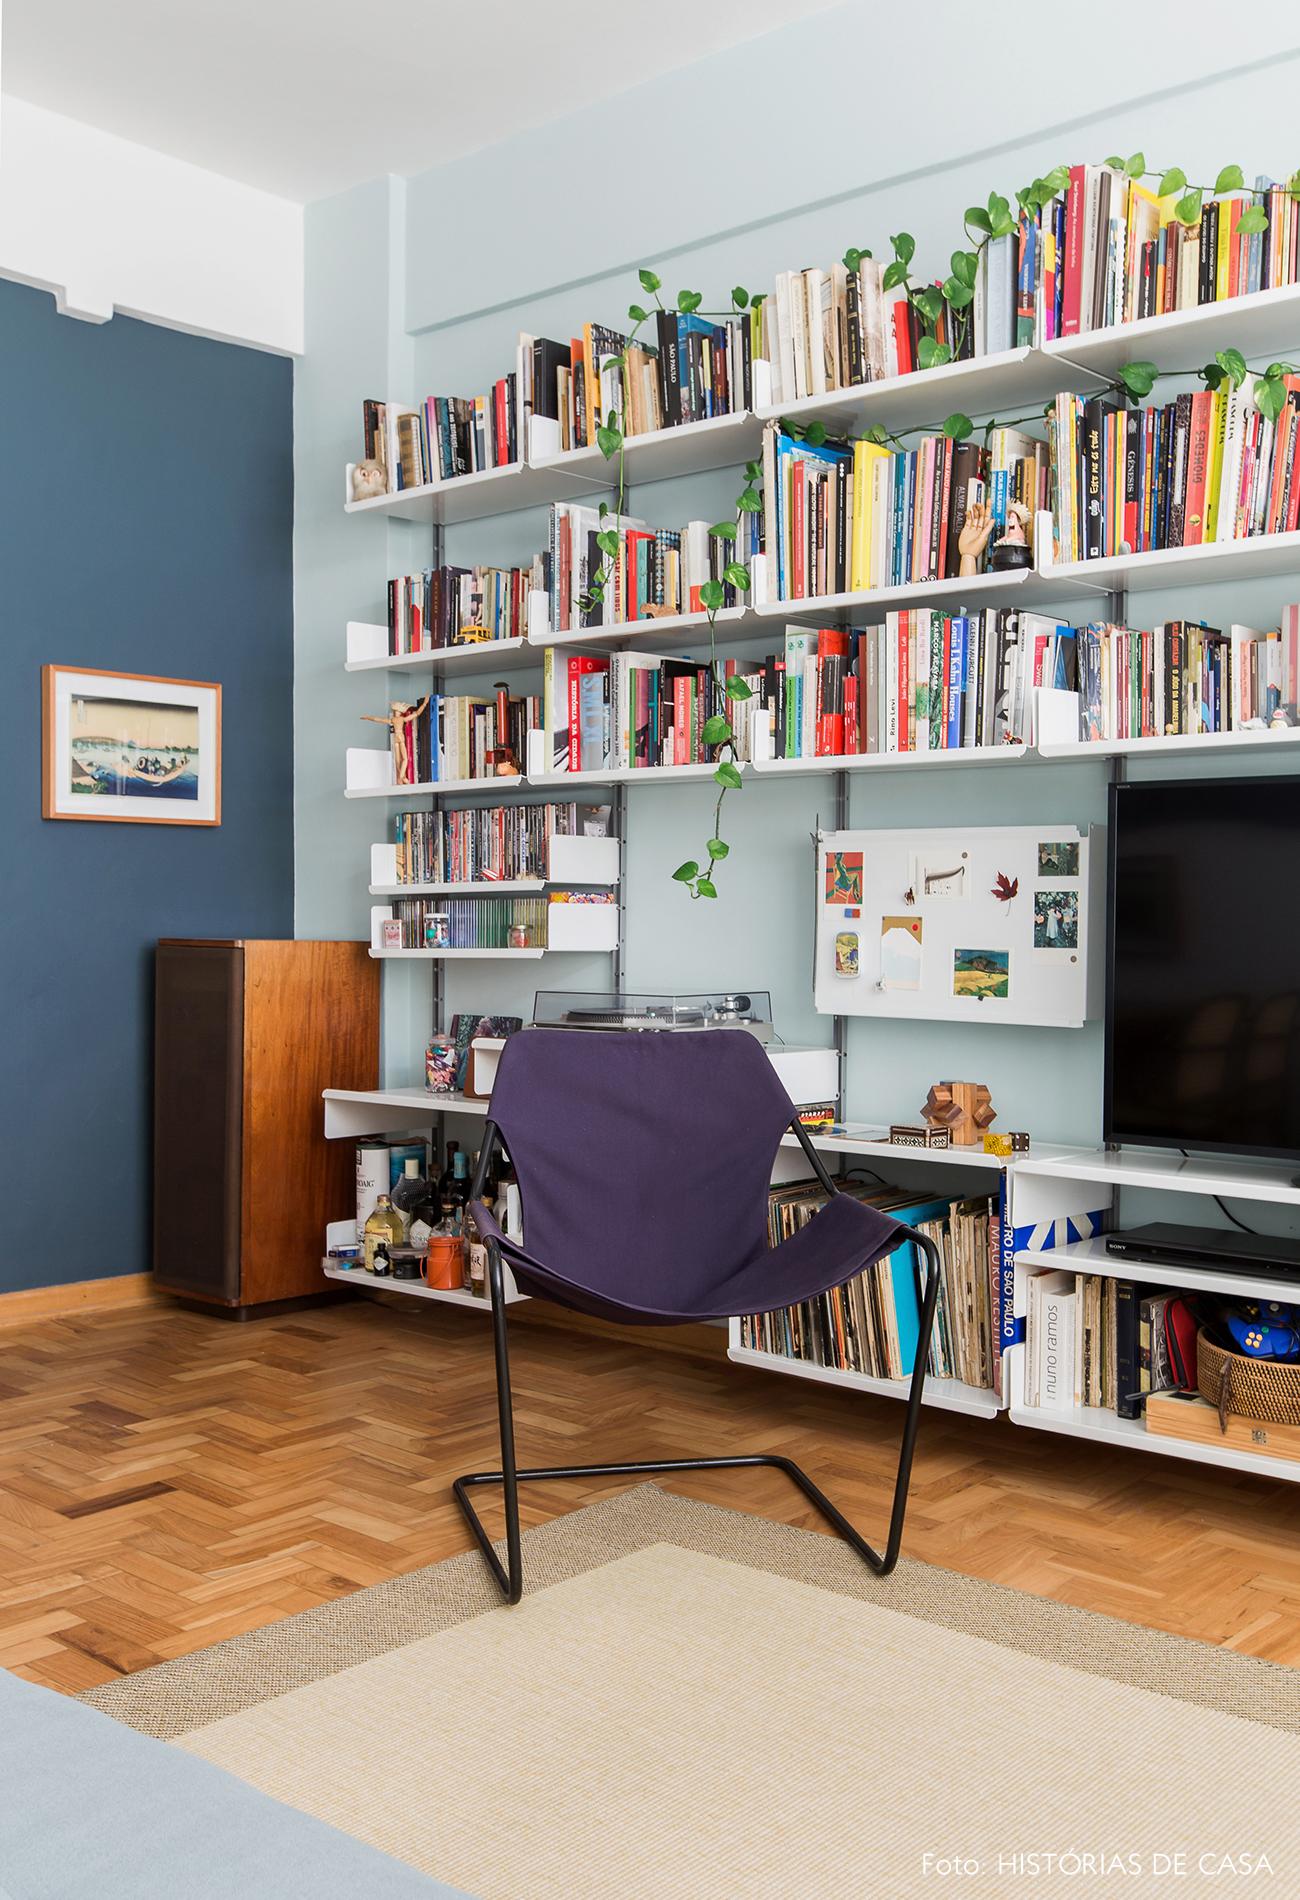 Parede pintada de azul claro no fundo da estante